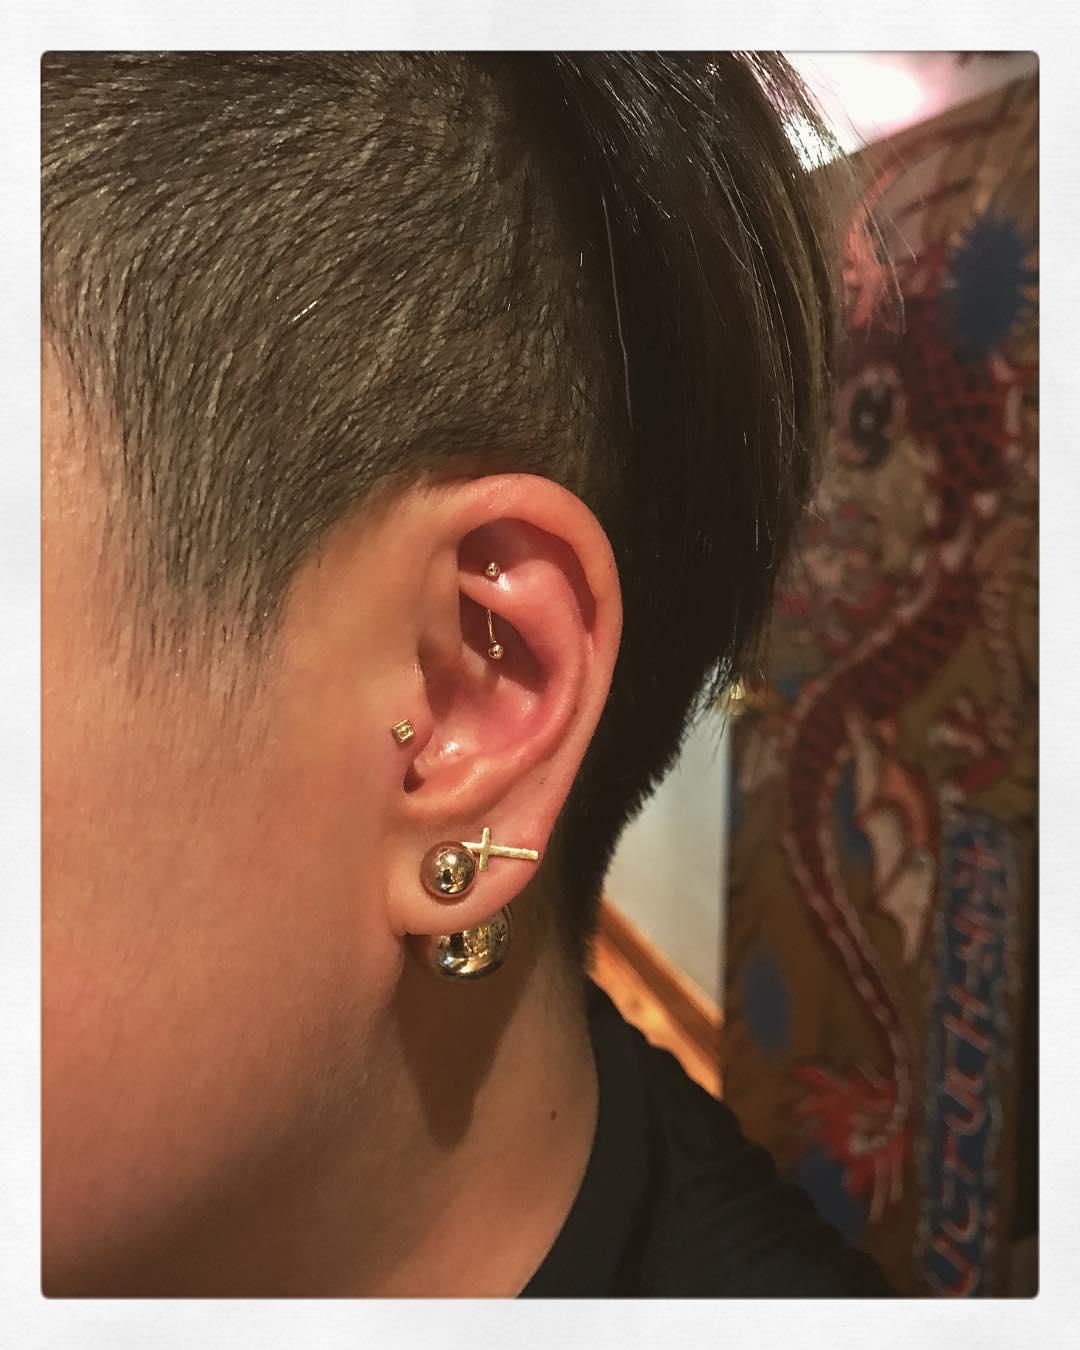 Piercings na orelha no hook